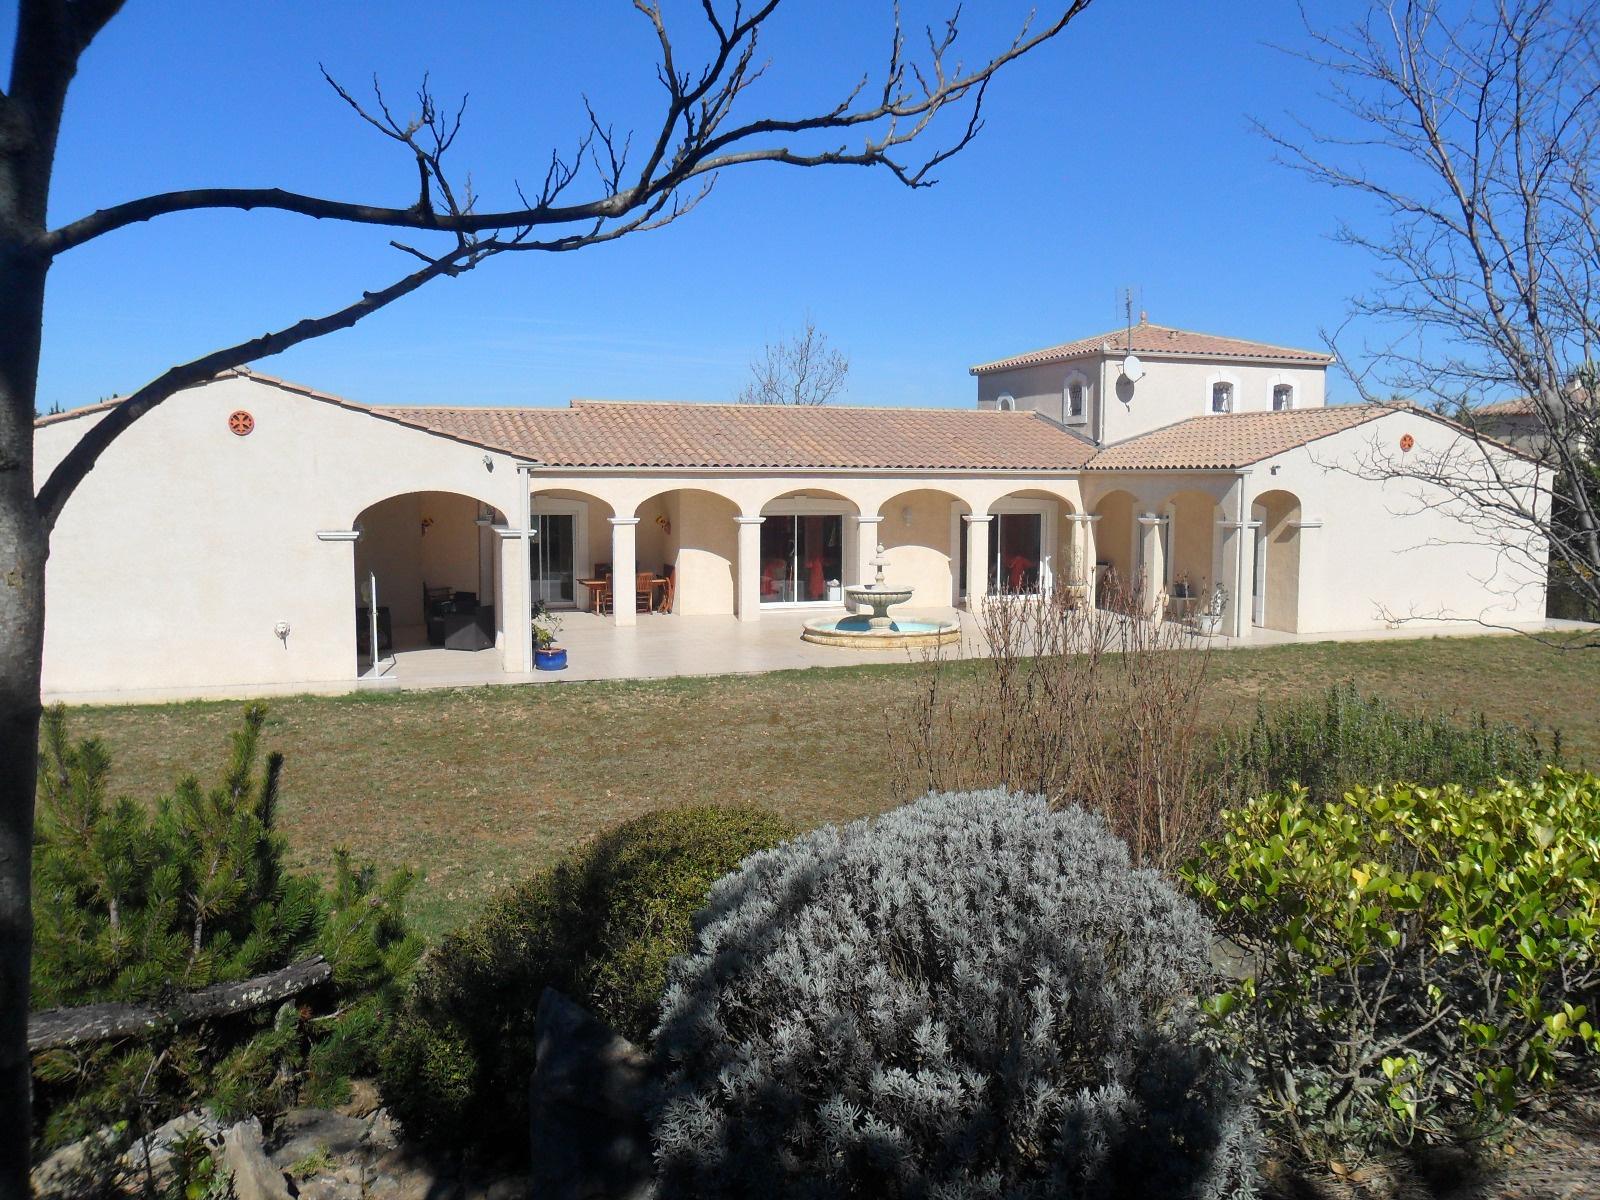 vente appartement maisons et villas 224 carcassonne et environs